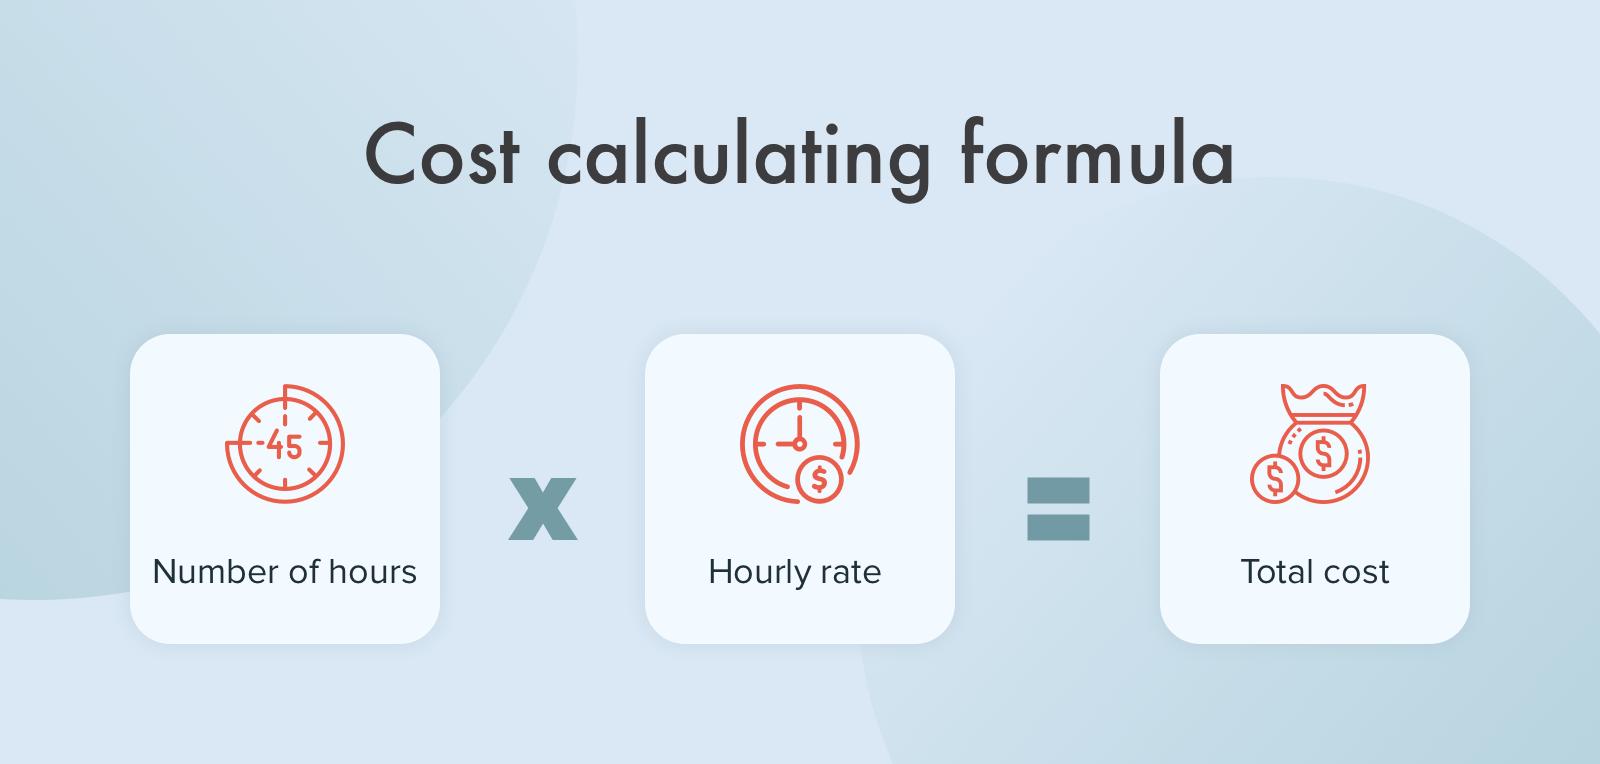 Cost calculating formula